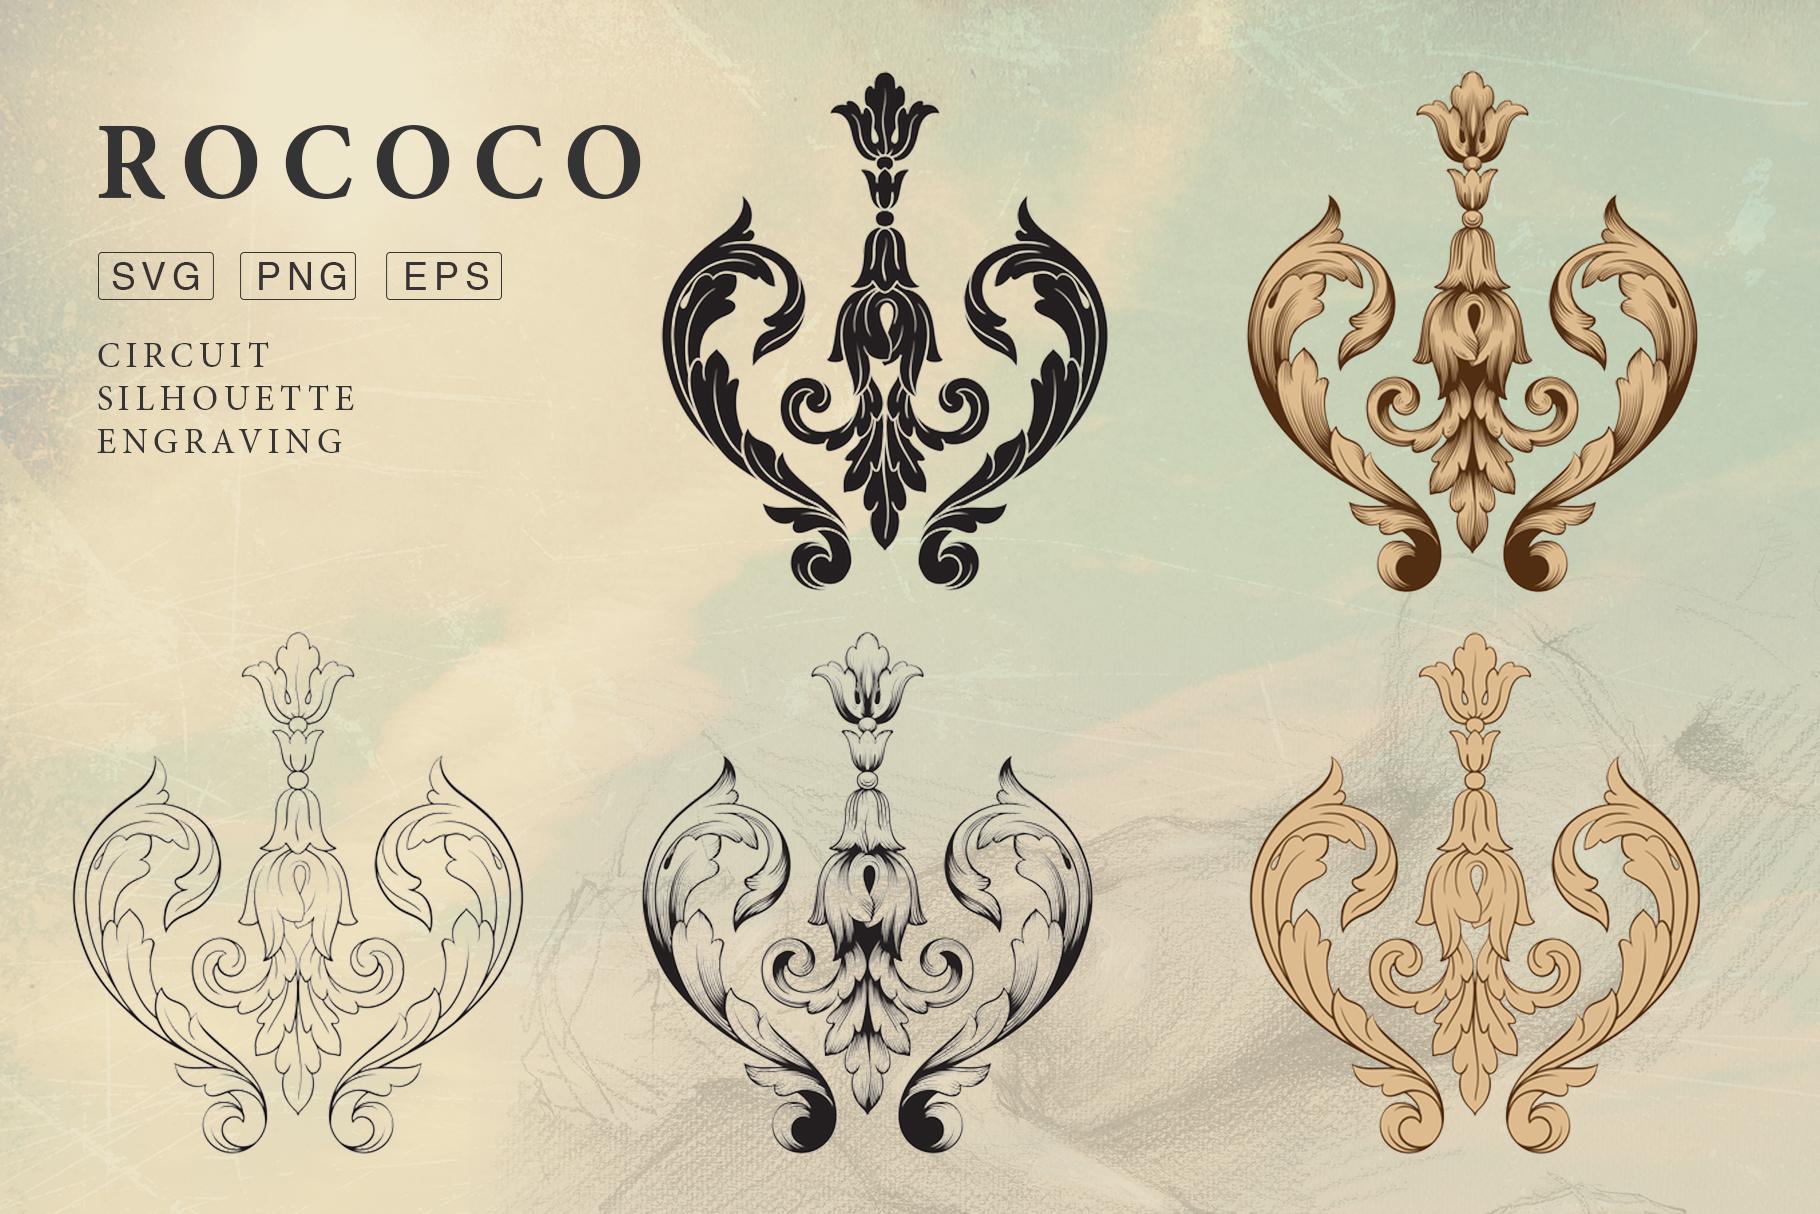 Rococo Romance Ornament page decor example image 3